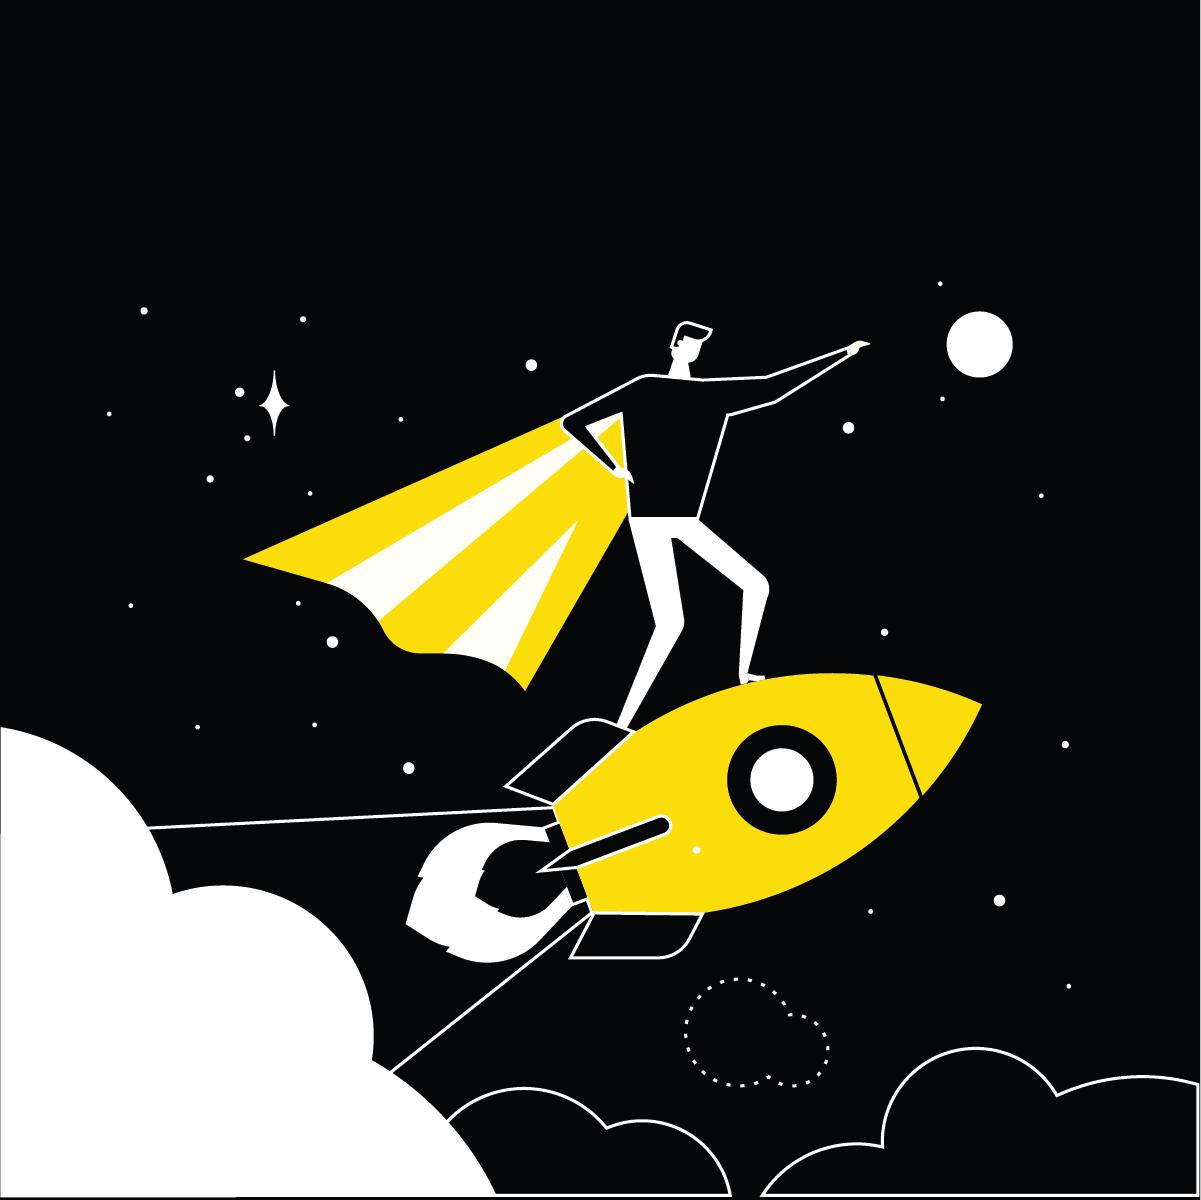 A superhero on a rocket